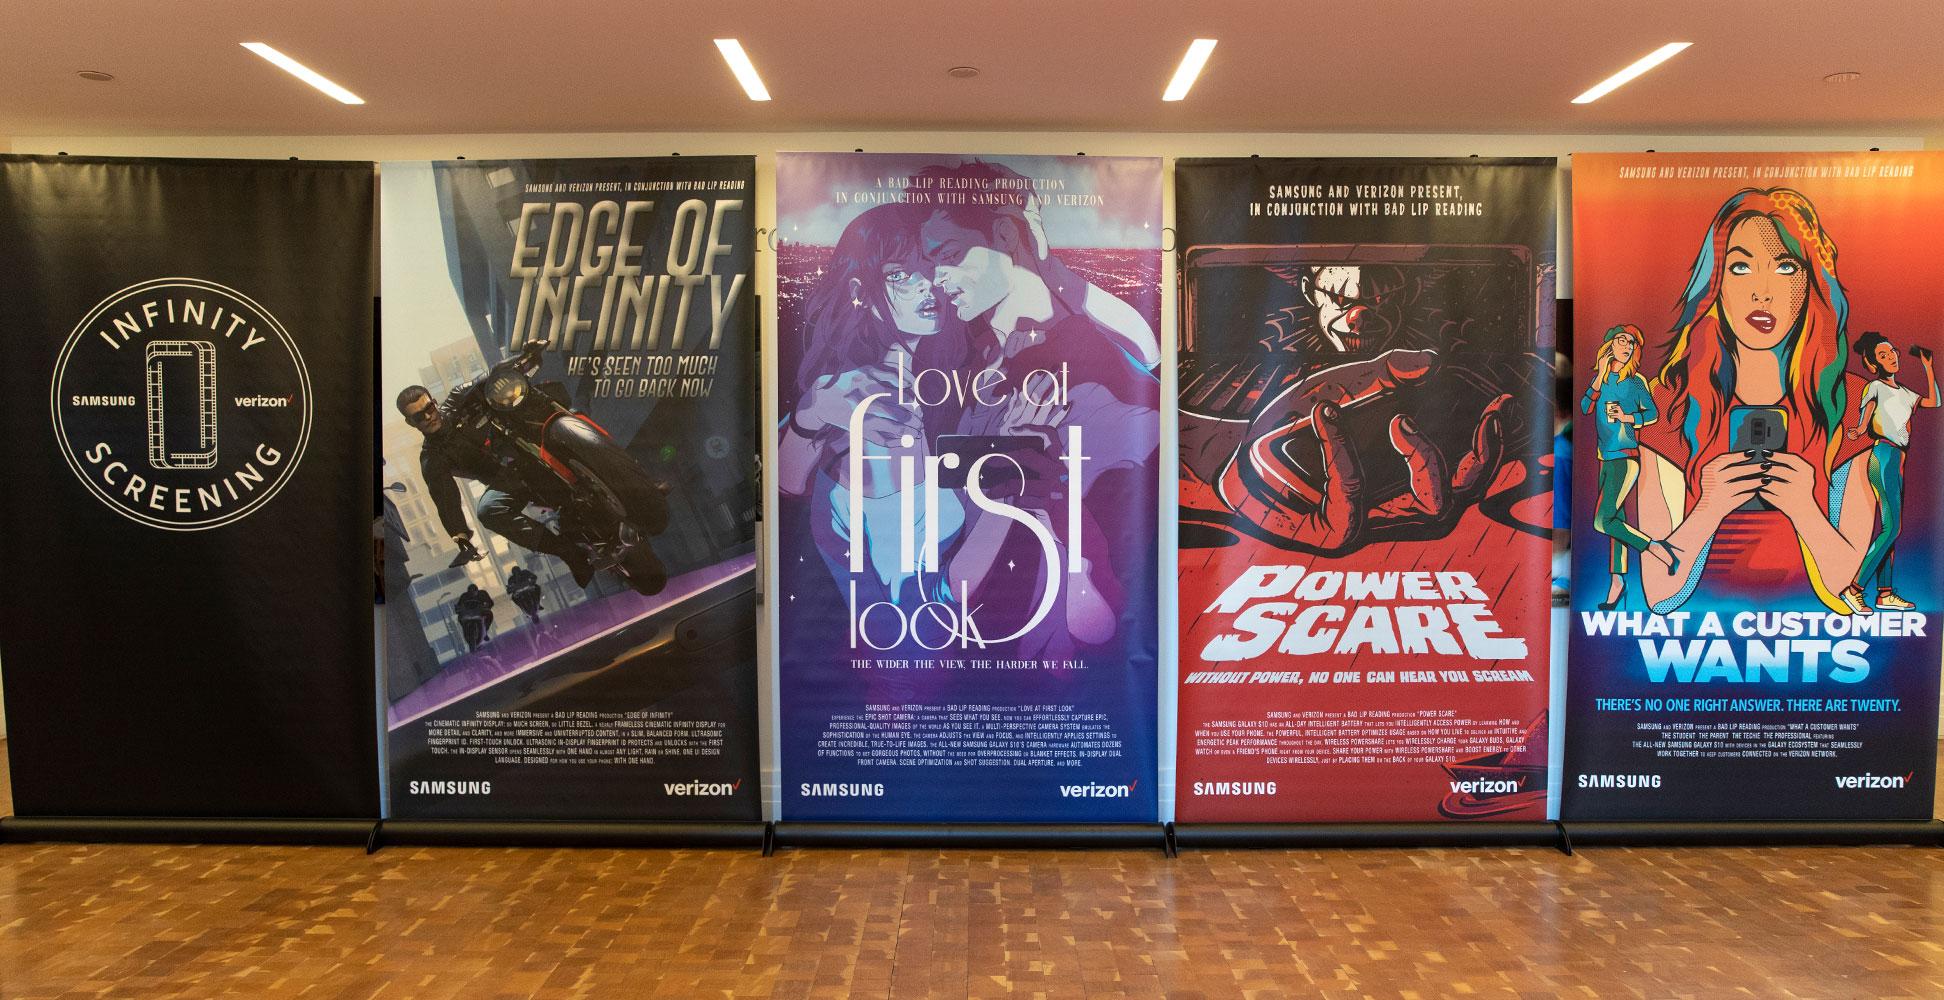 Infinity-Screening-Photo-25